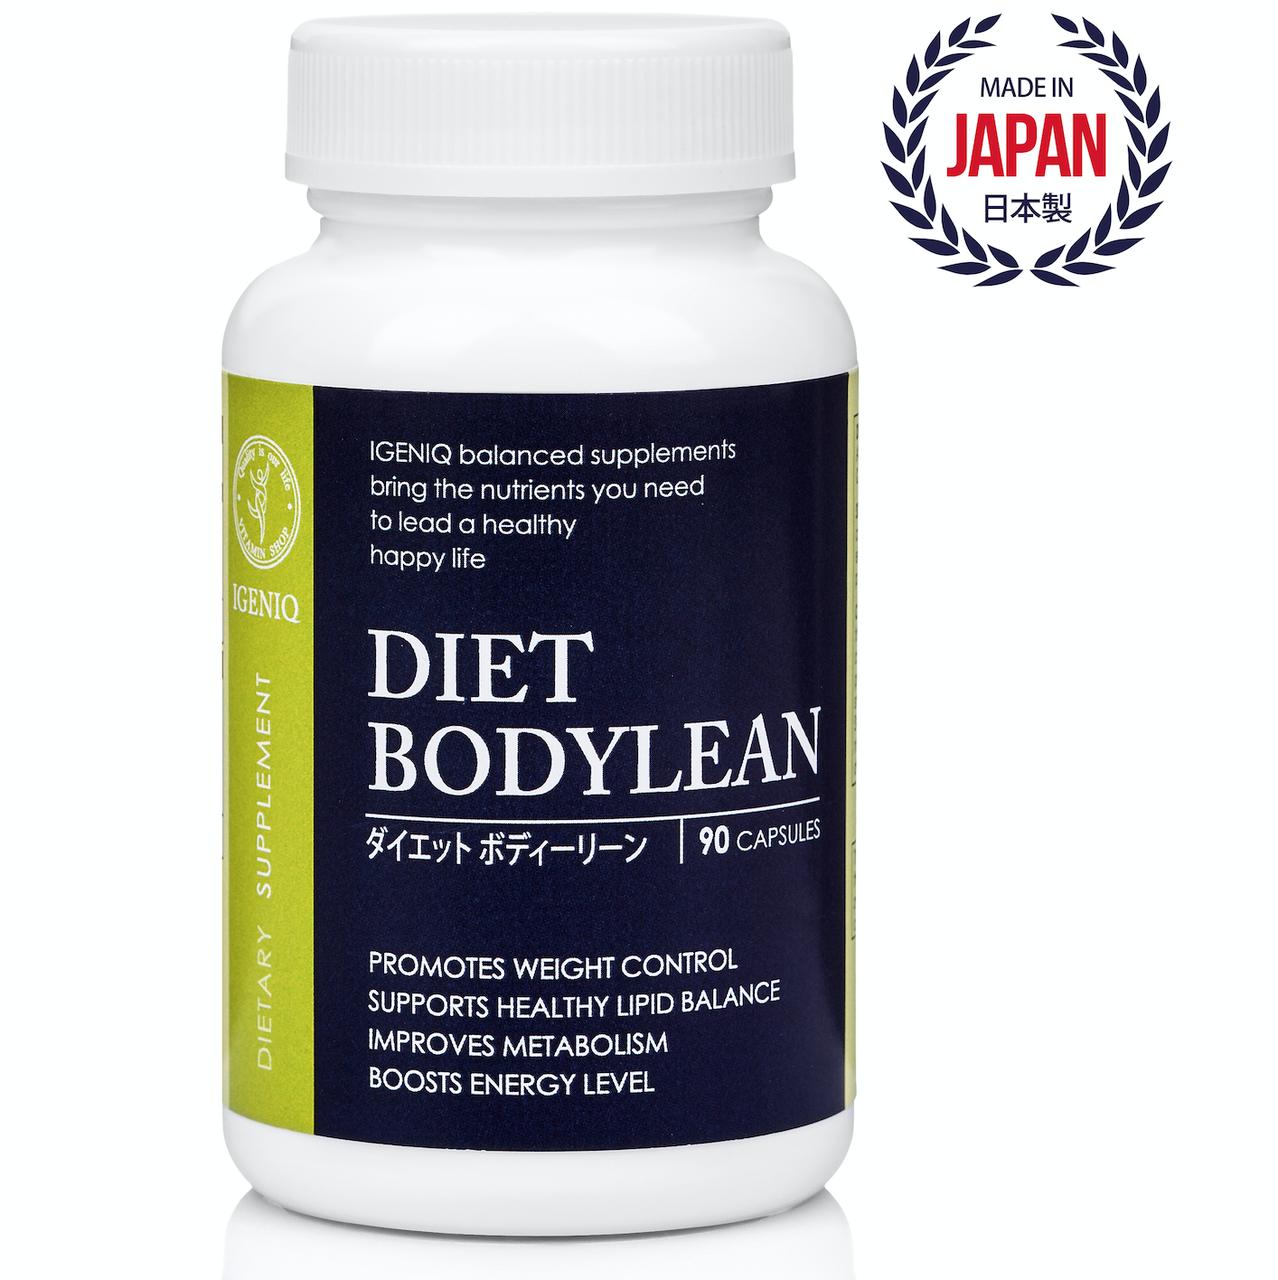 Снижение веса, Сжигание жиров и калорий  Дает Бодилин IGENIQ  Япония